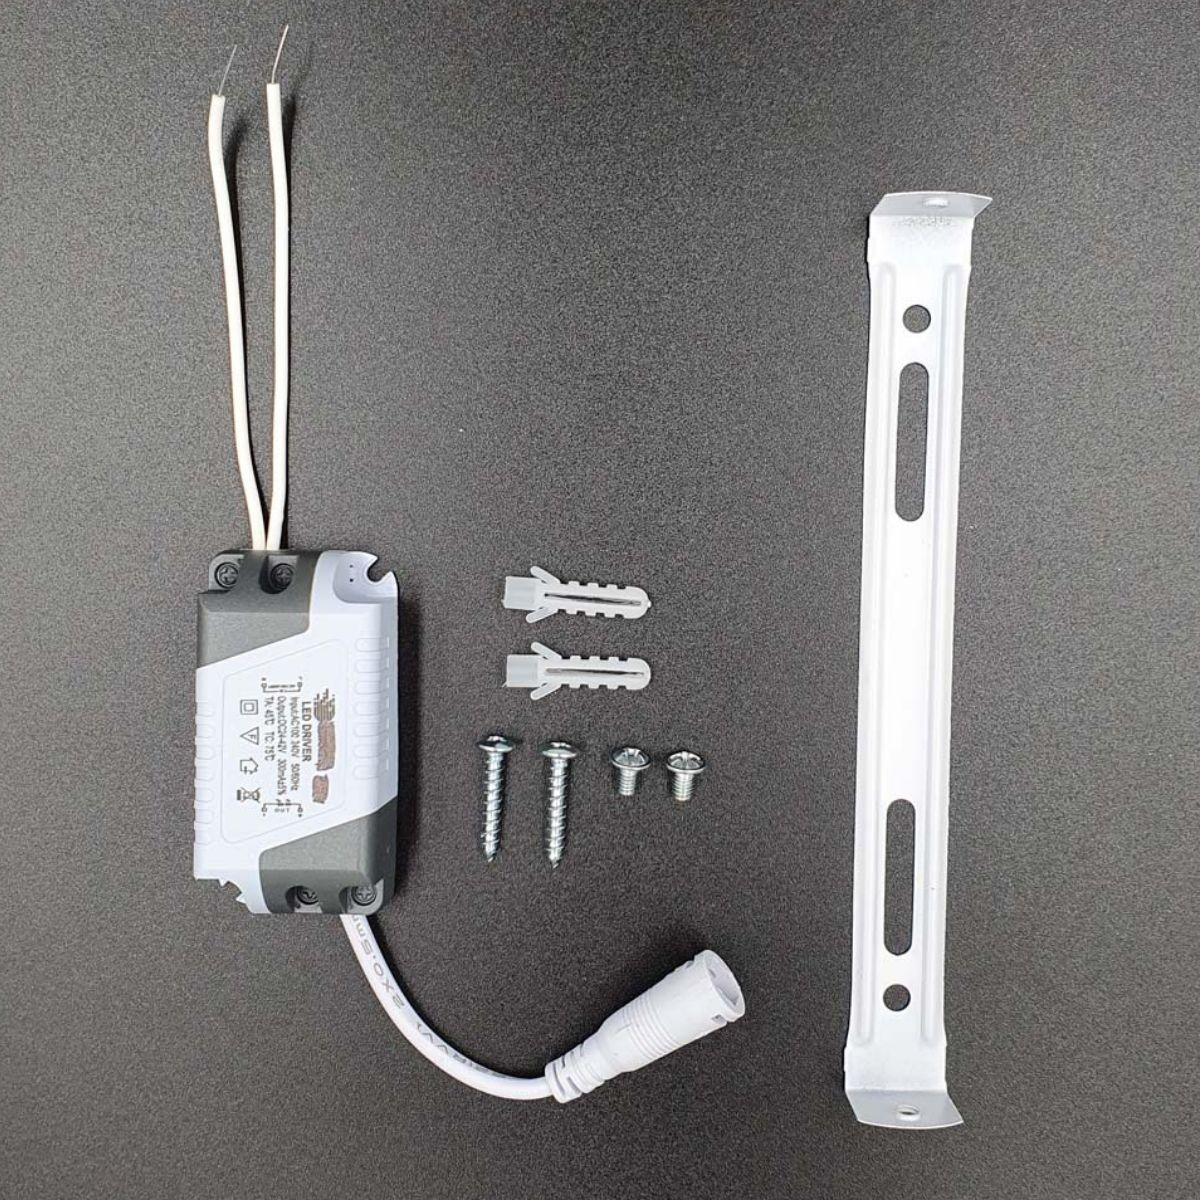 KIT 5 Painel Plafon LED 24w Quadrado Sobrepor Branco Frio Luminária